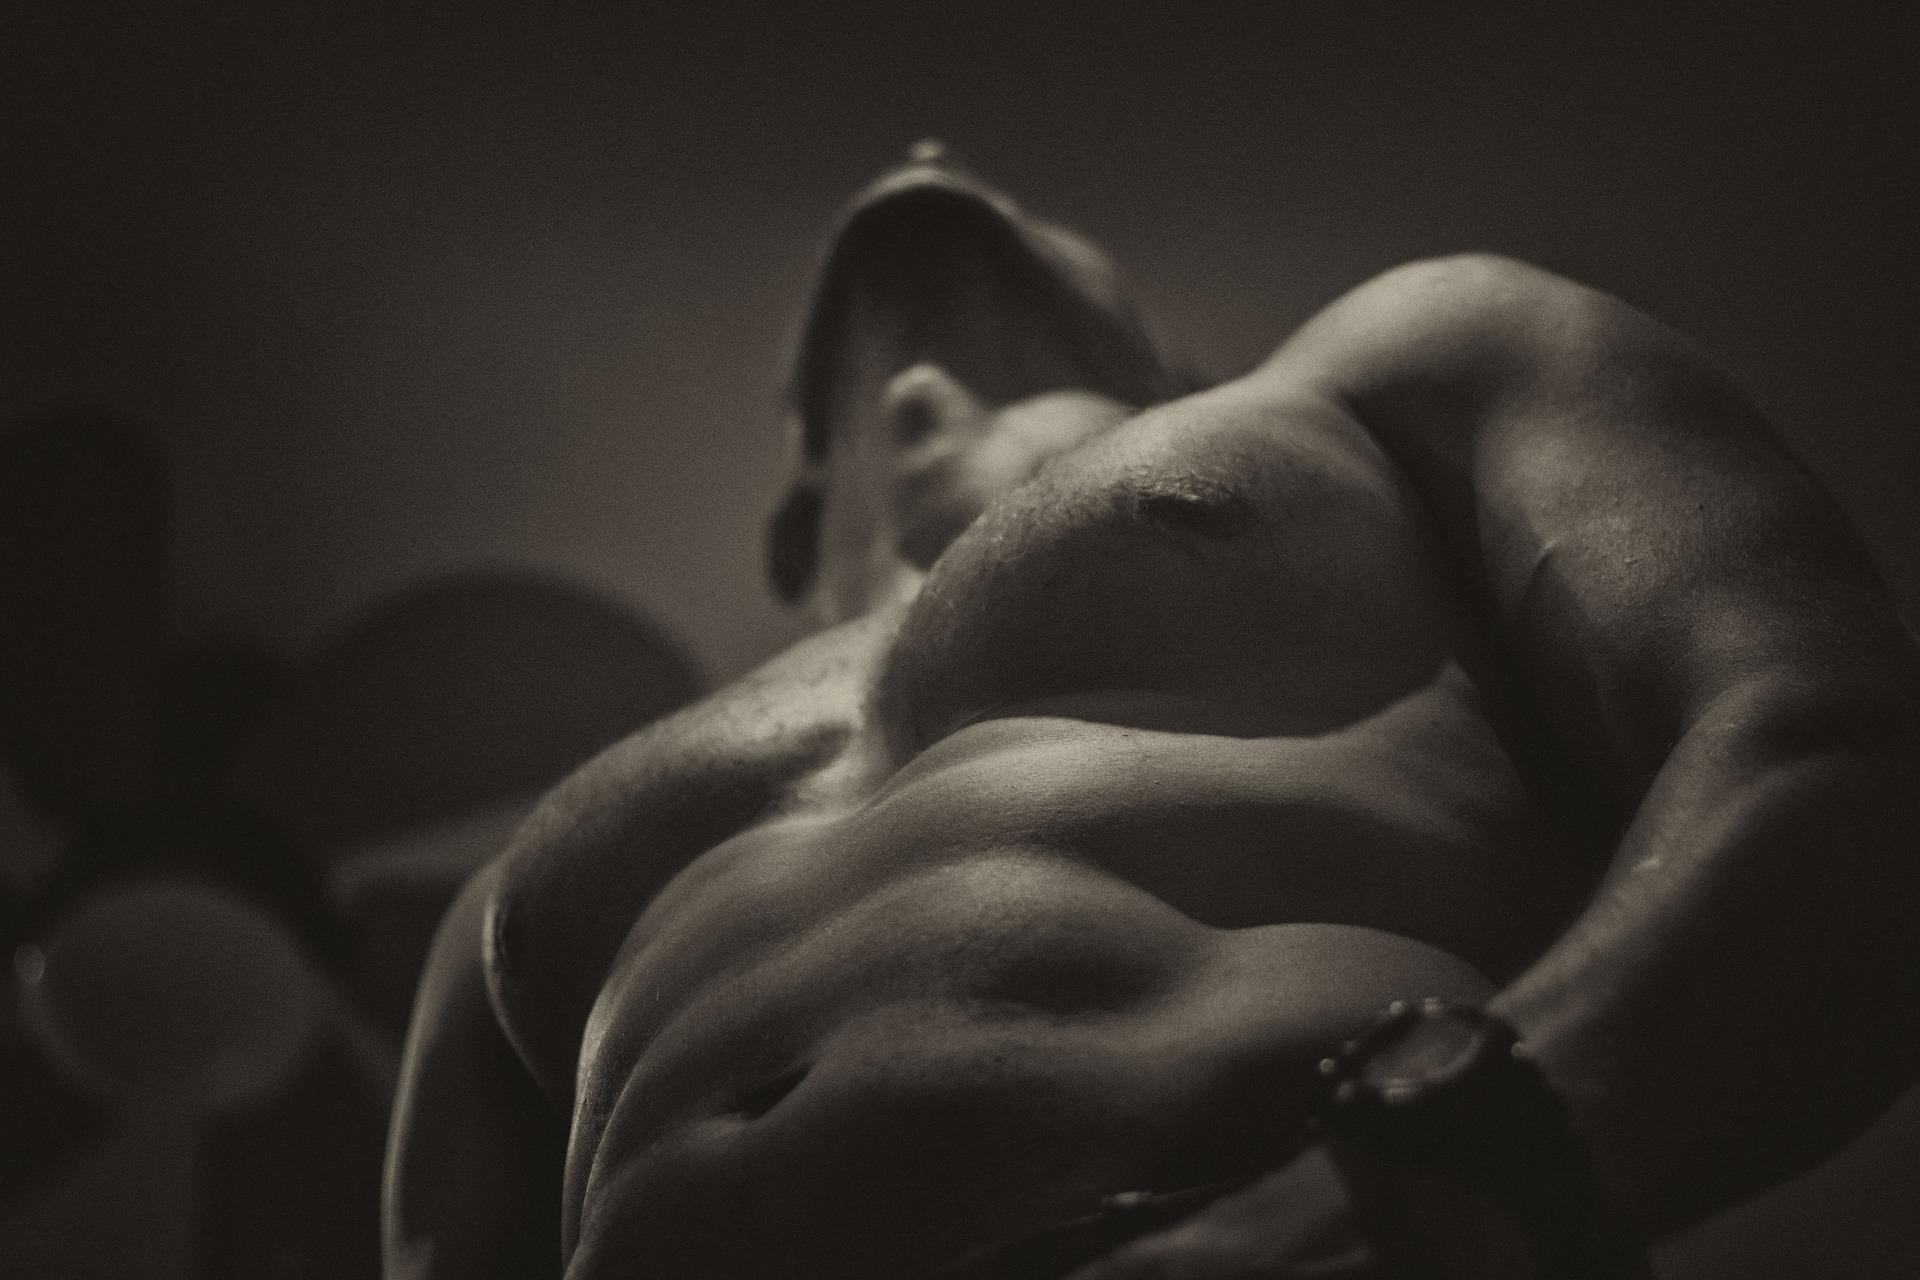 Muškarci koji u organizmu imaju povišen nivo testosterona u većem su riziku od pojave kancera.